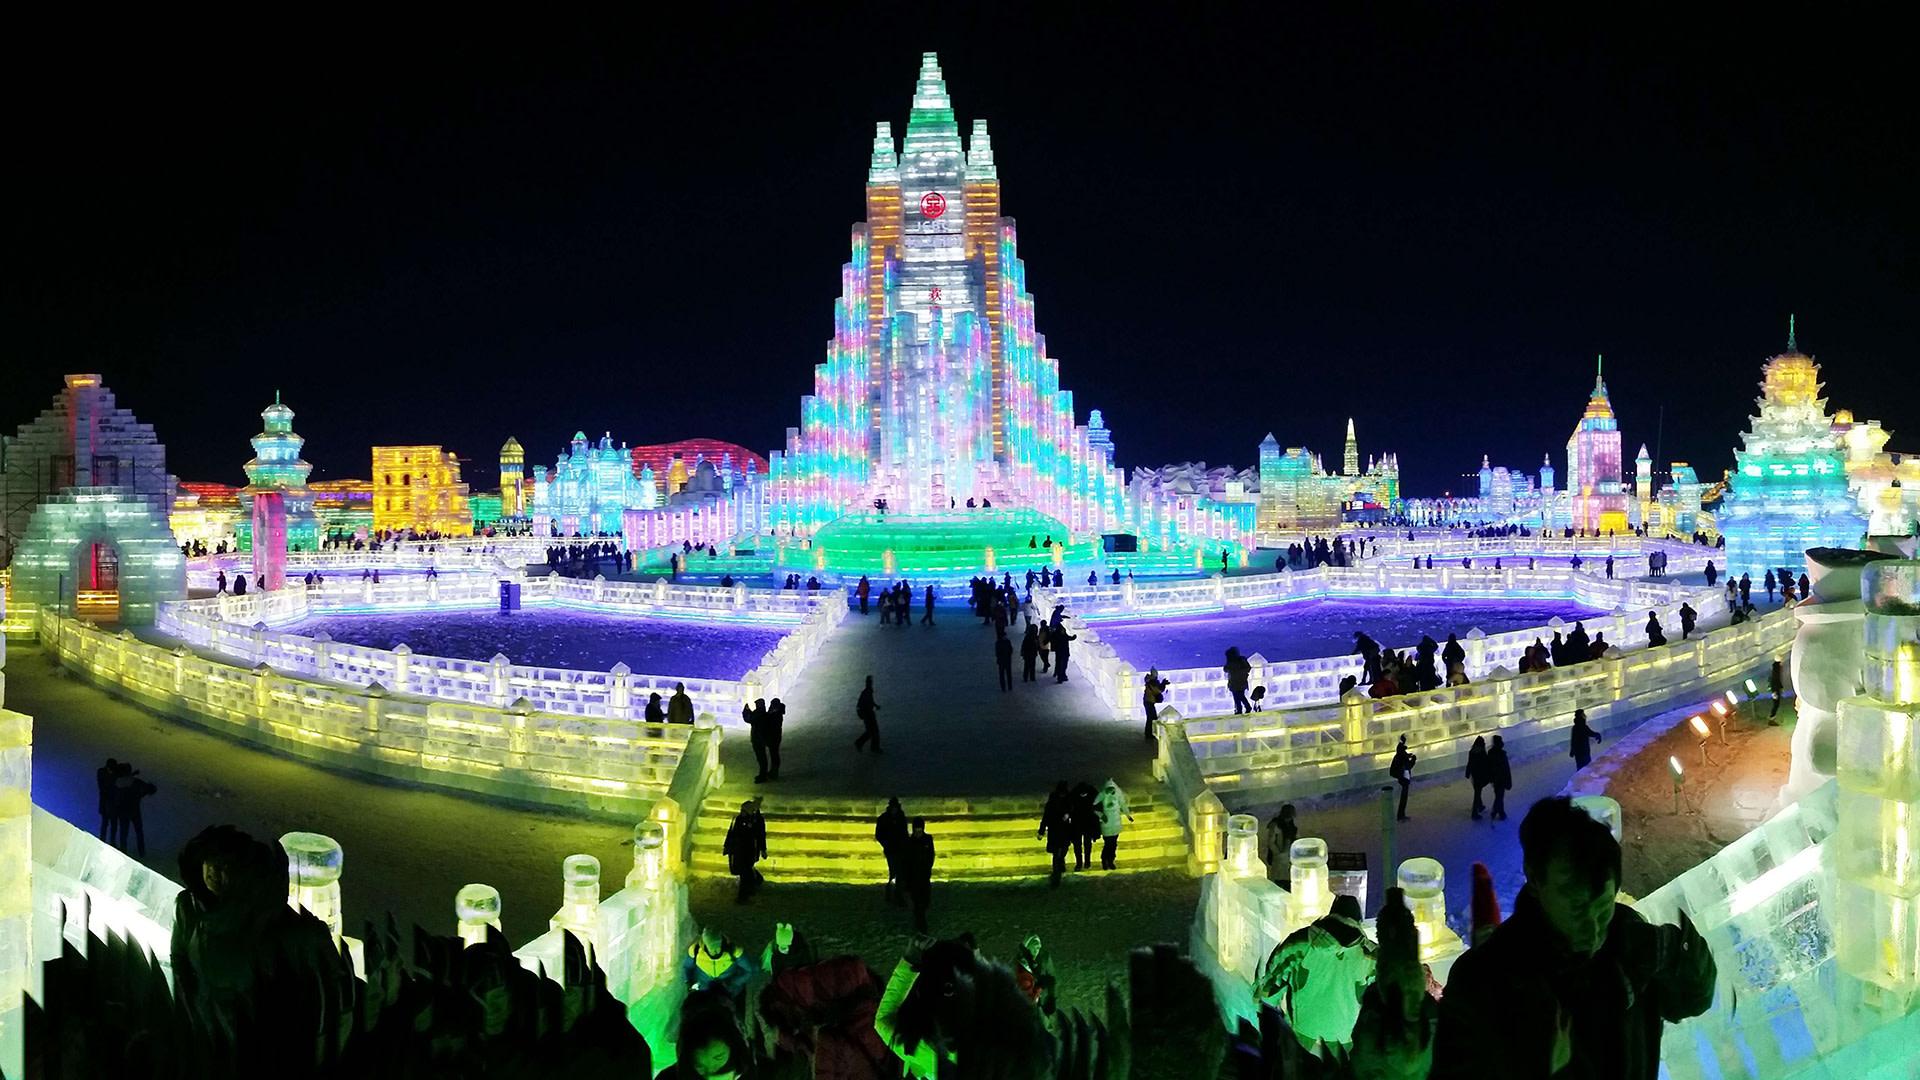 Image: CHINA-LEISURE-ICE FESTIVAL